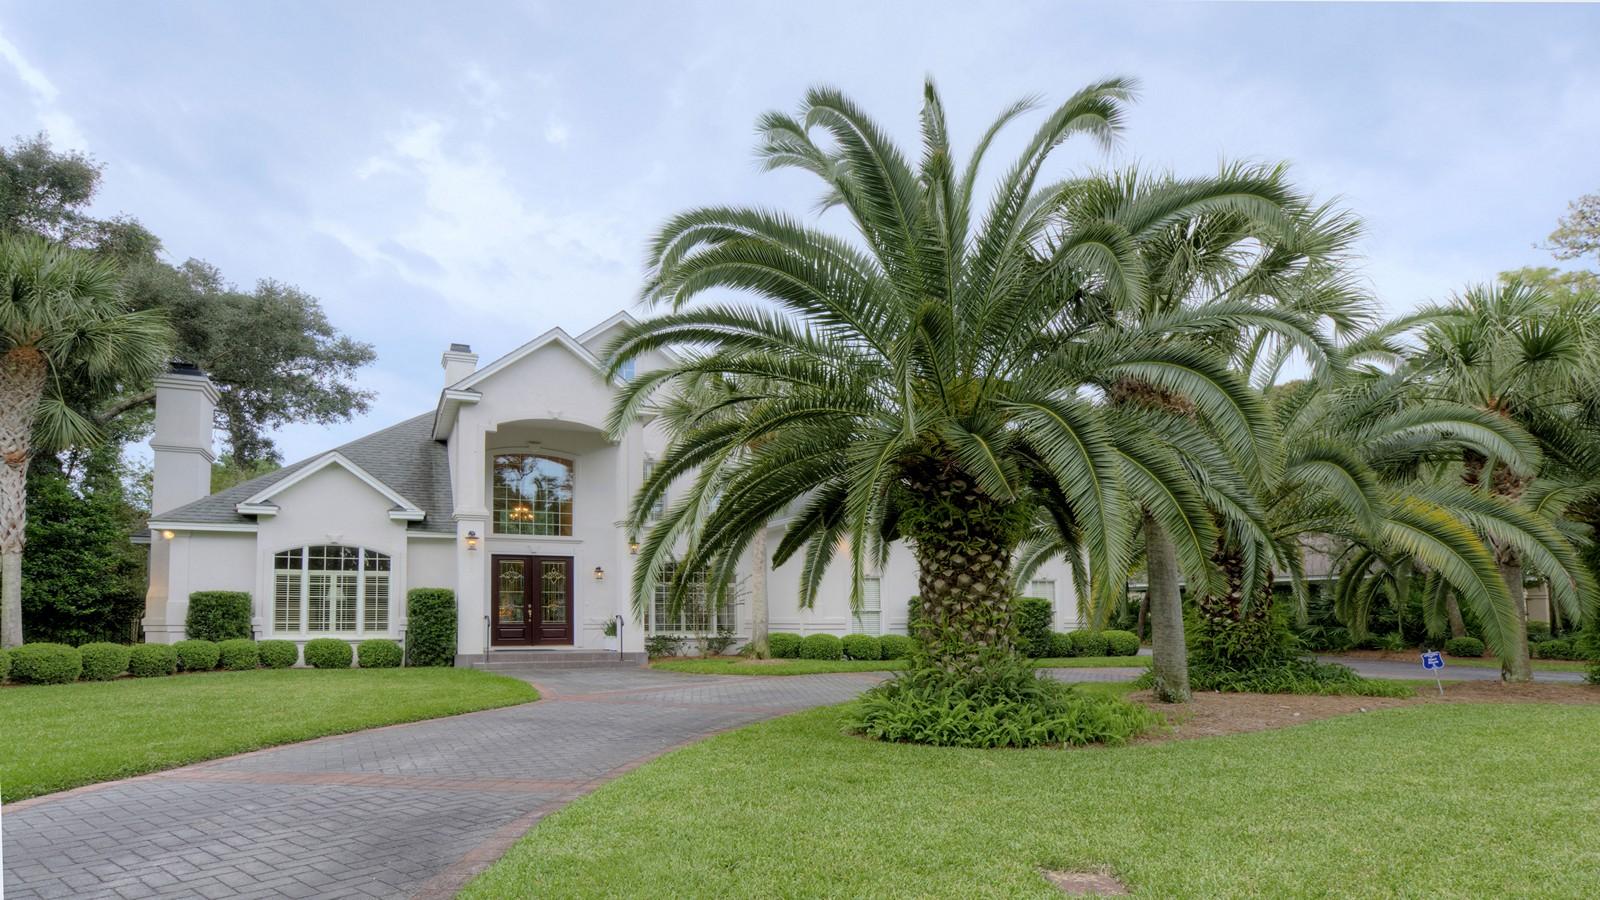 Частный односемейный дом для того Продажа на 111 Biltmore St. Simons Island, Джорджия, 31522 Соединенные Штаты